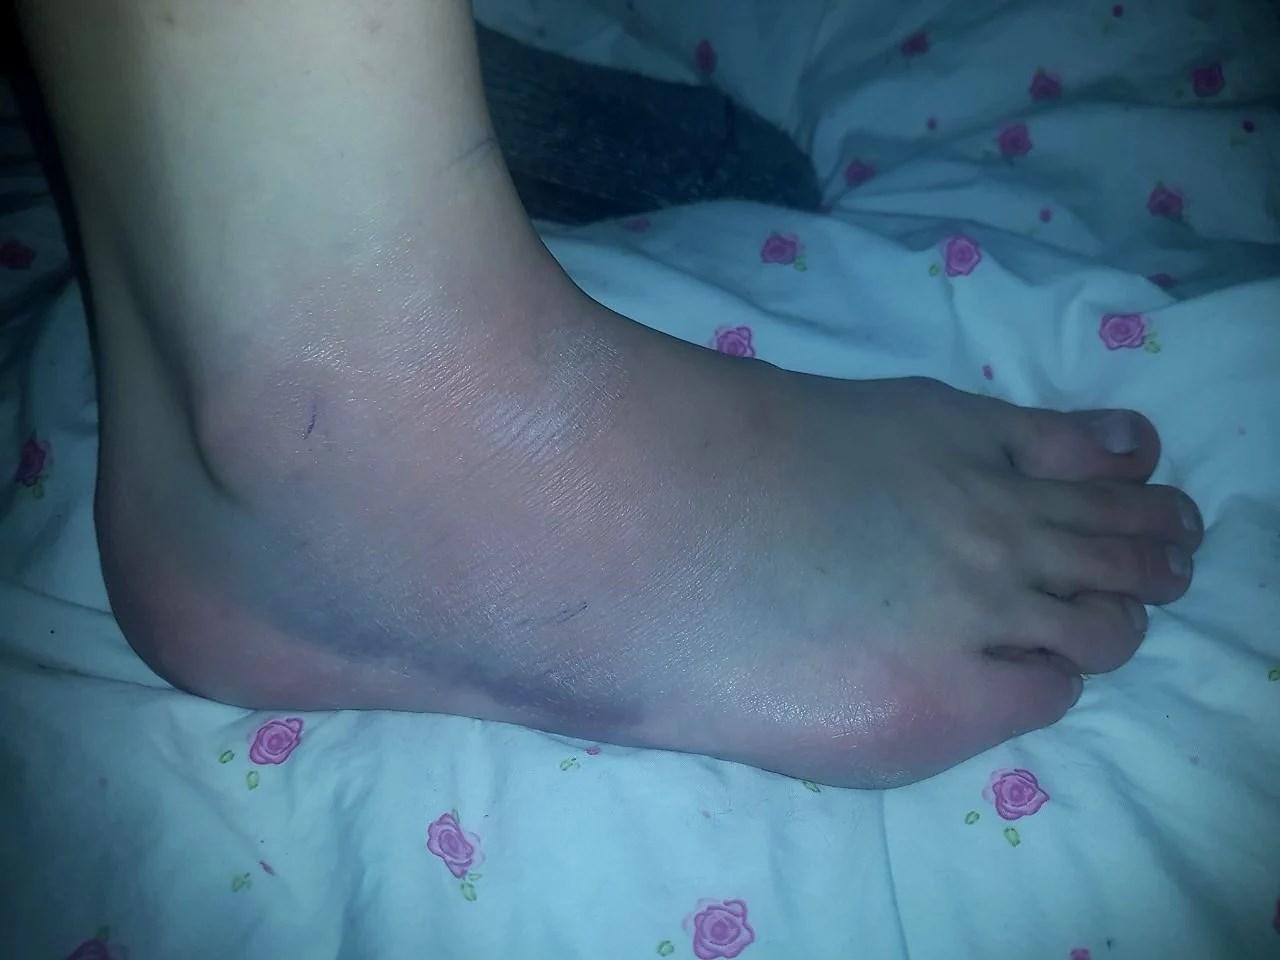 En blå fot.